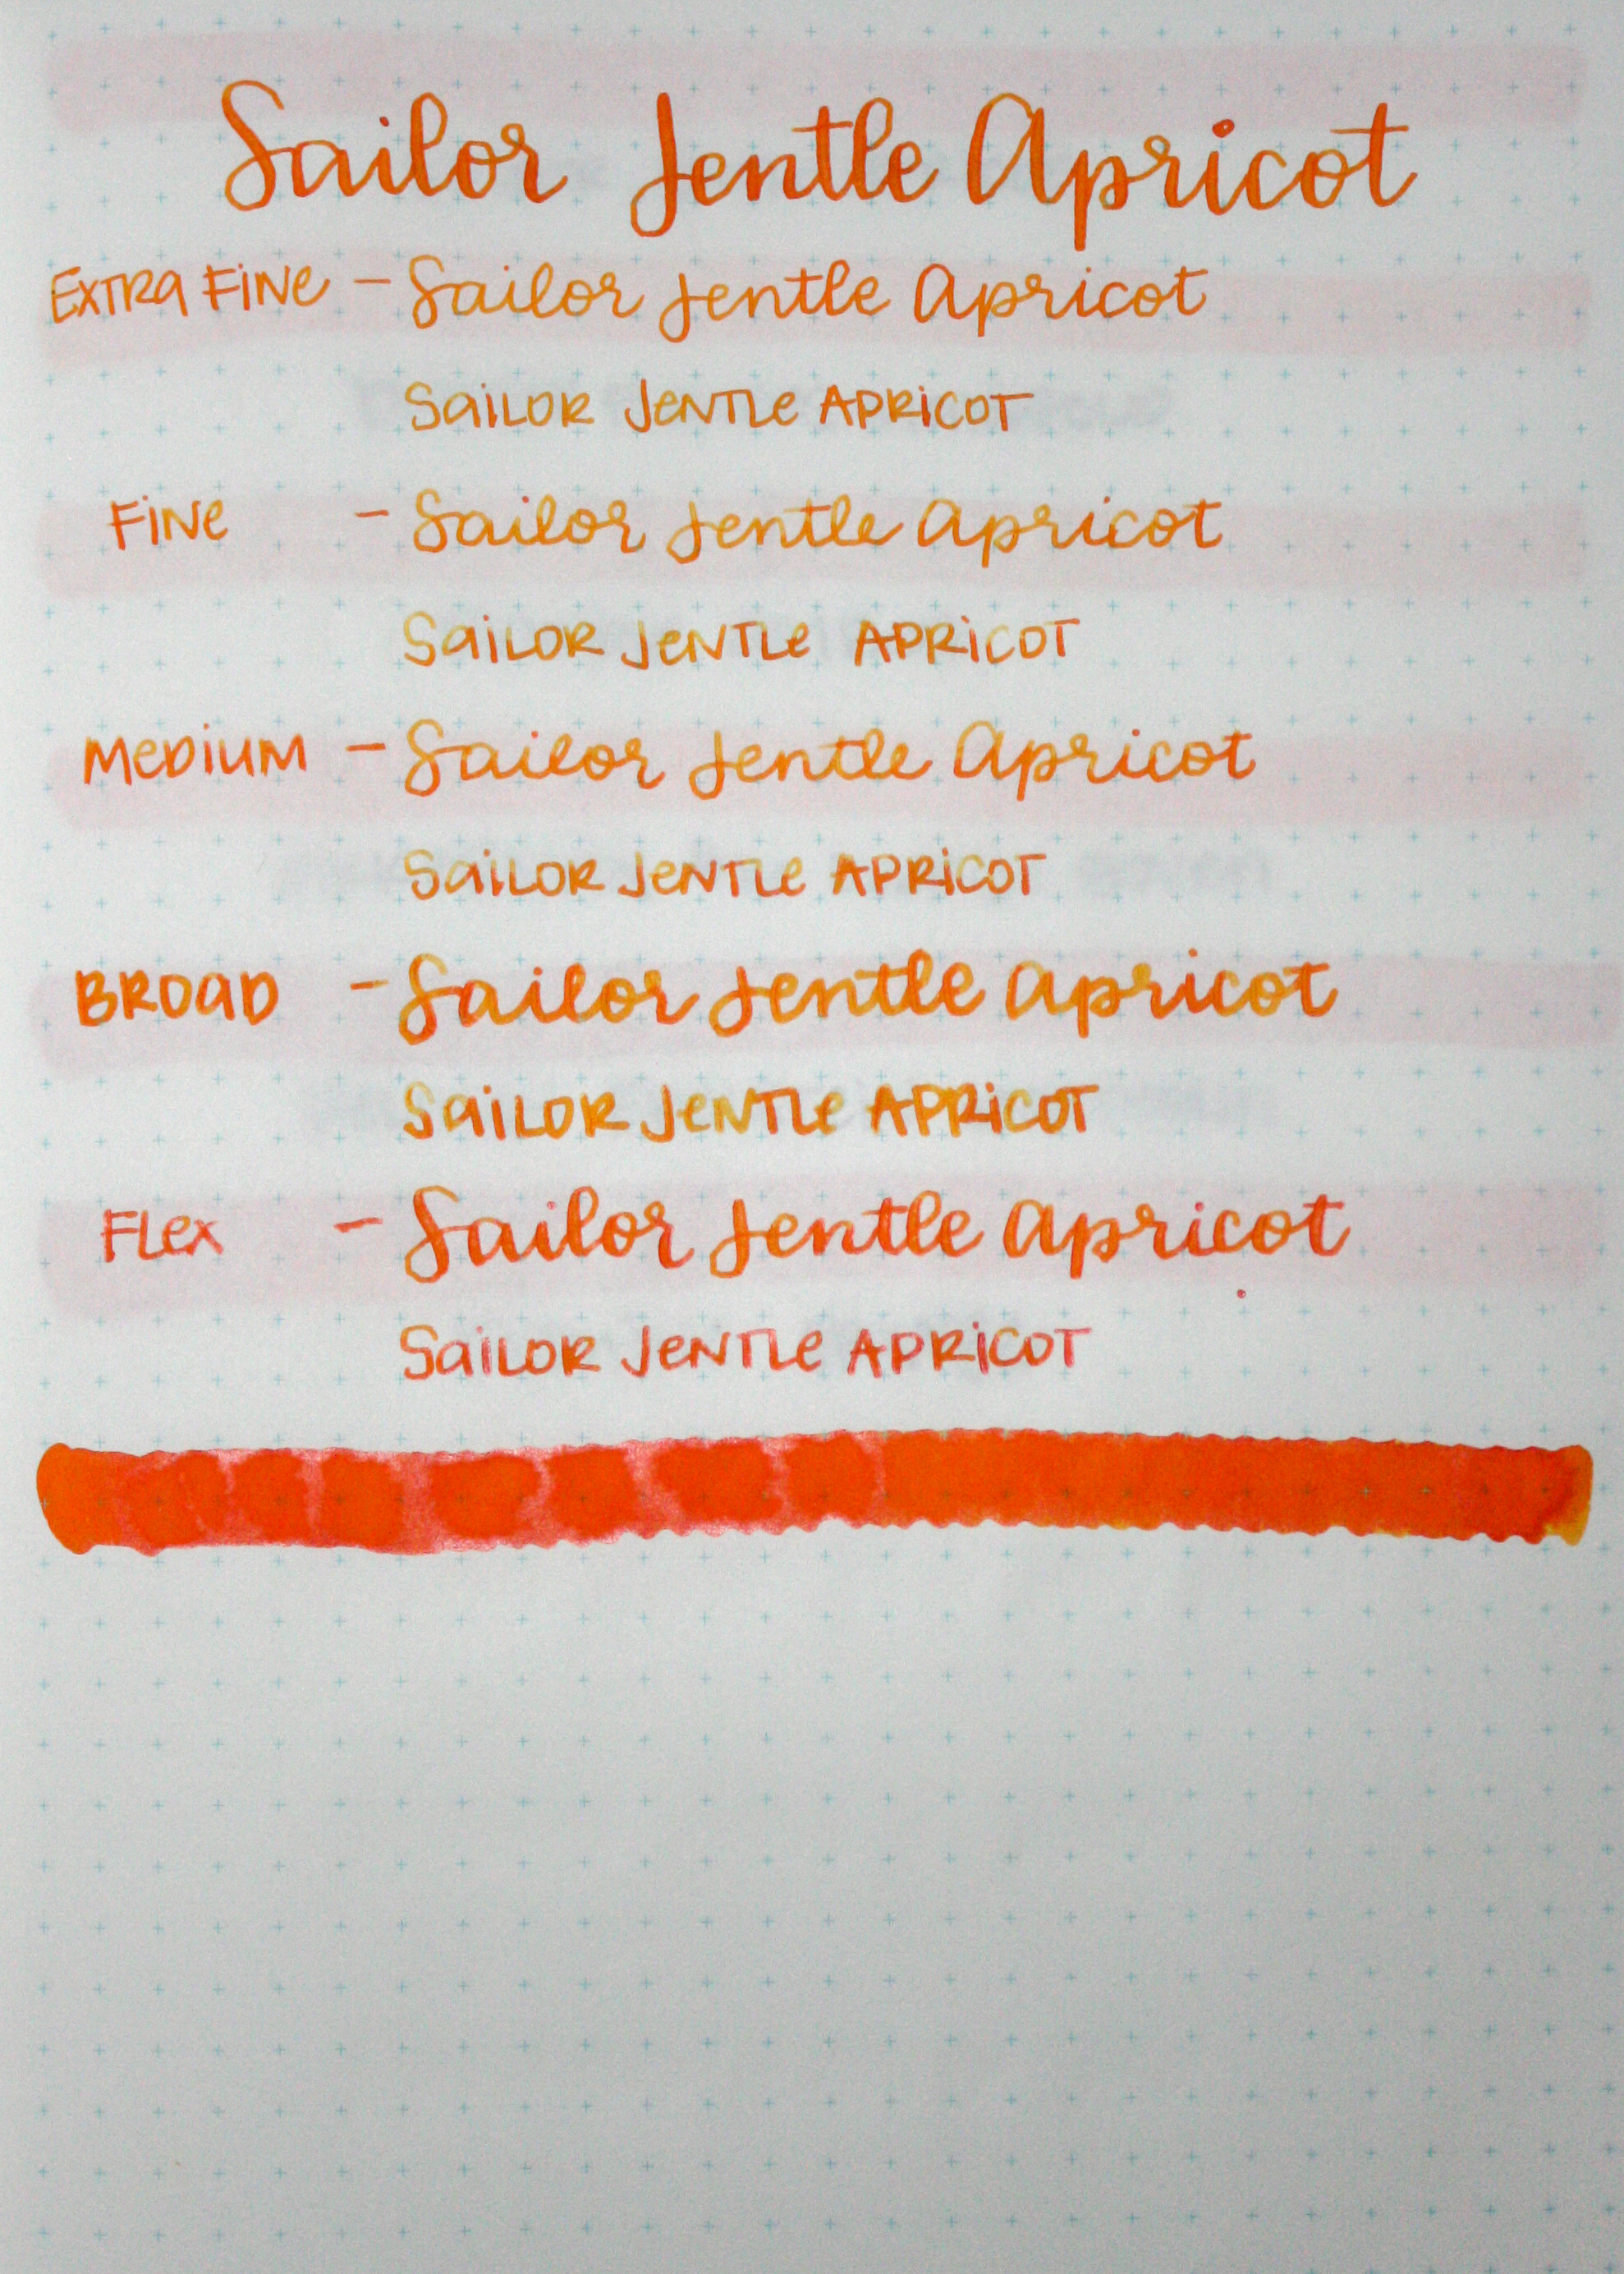 SailorJentleApricot-009.jpg